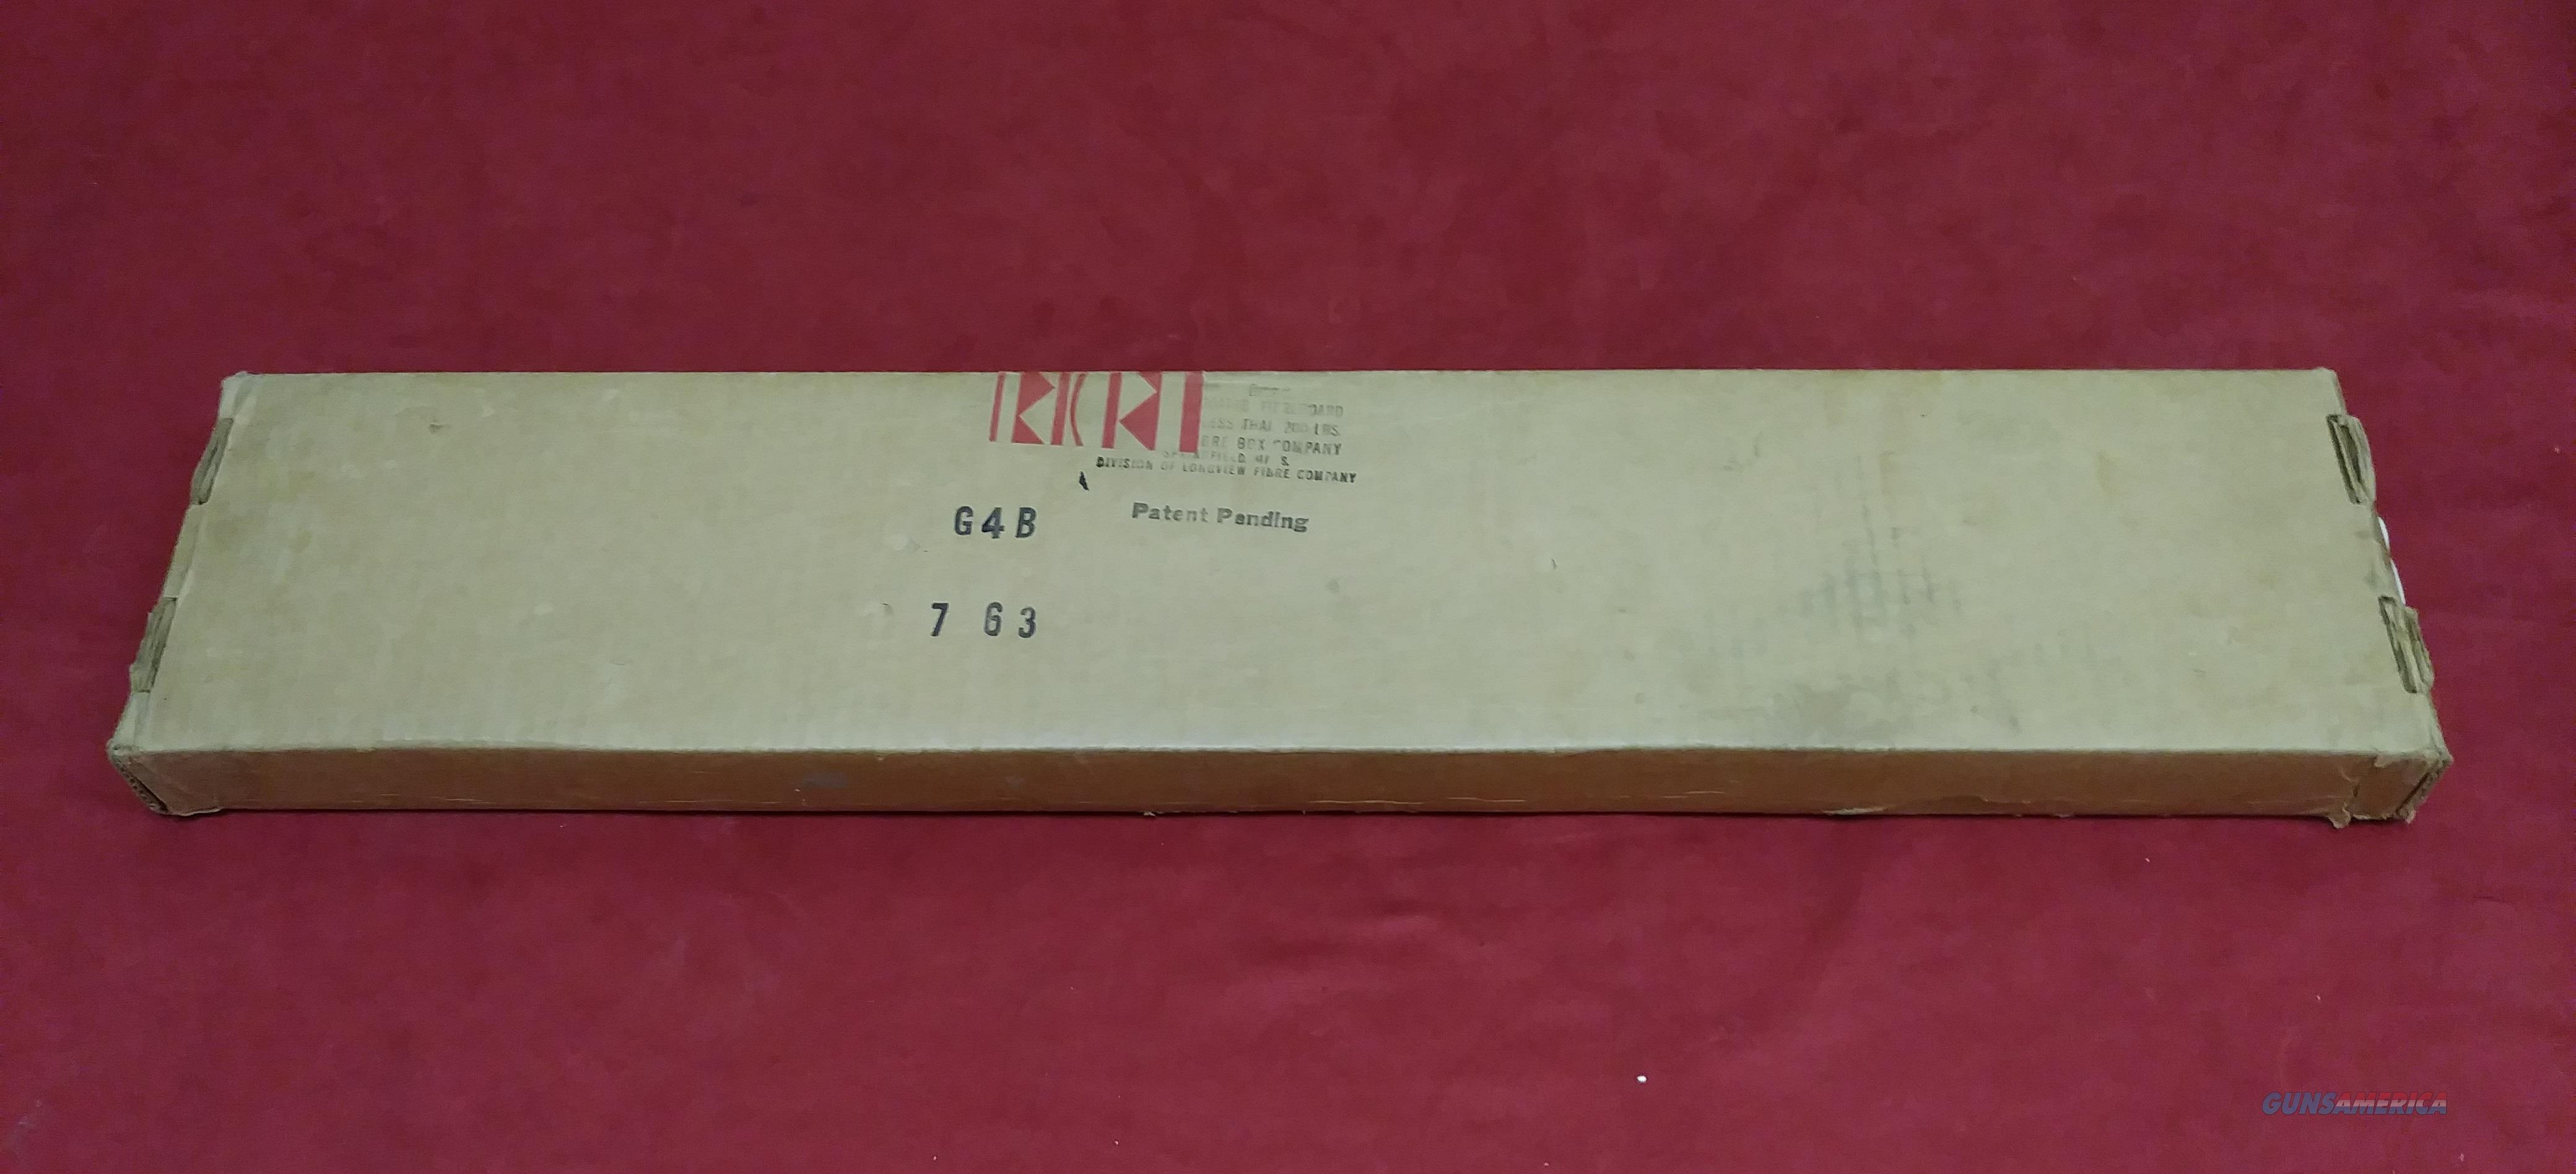 Savage Arms Model 220 Box Only *No Gun*  Non-Guns > Gun Cases